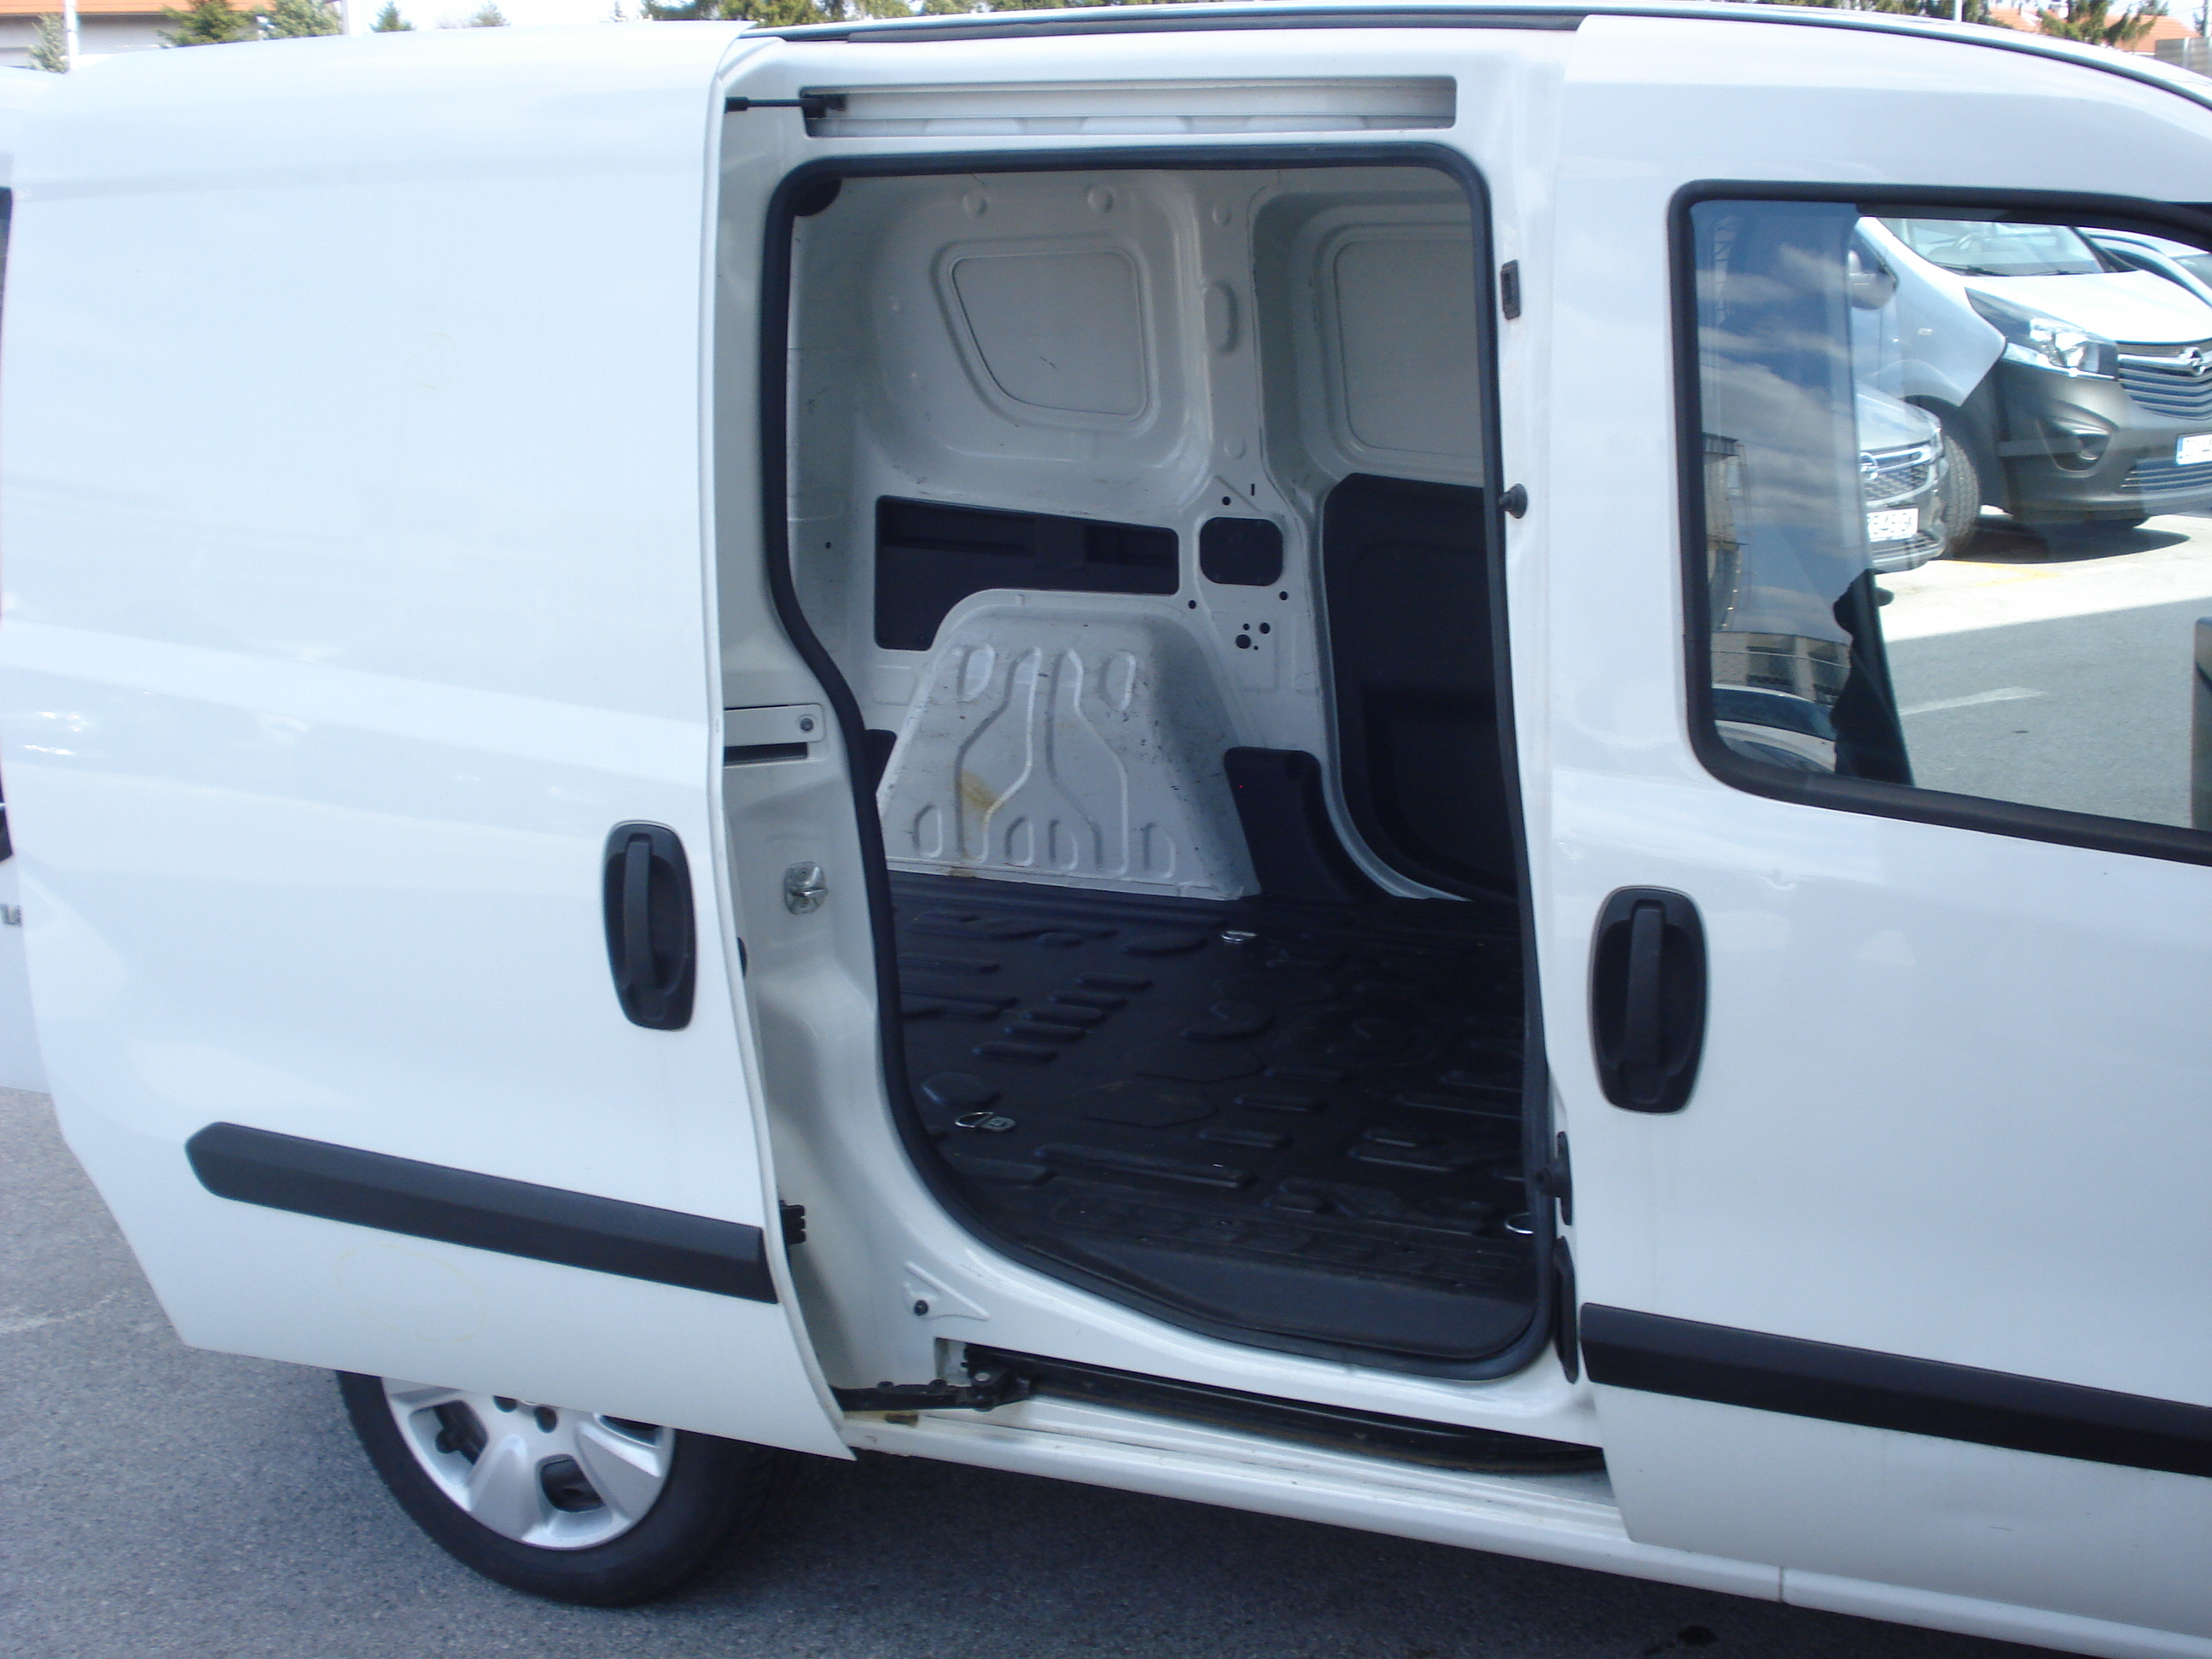 Opel Combo Van L1H1 1.6 CDTI 77kw - Provjerena rabljena vozila!